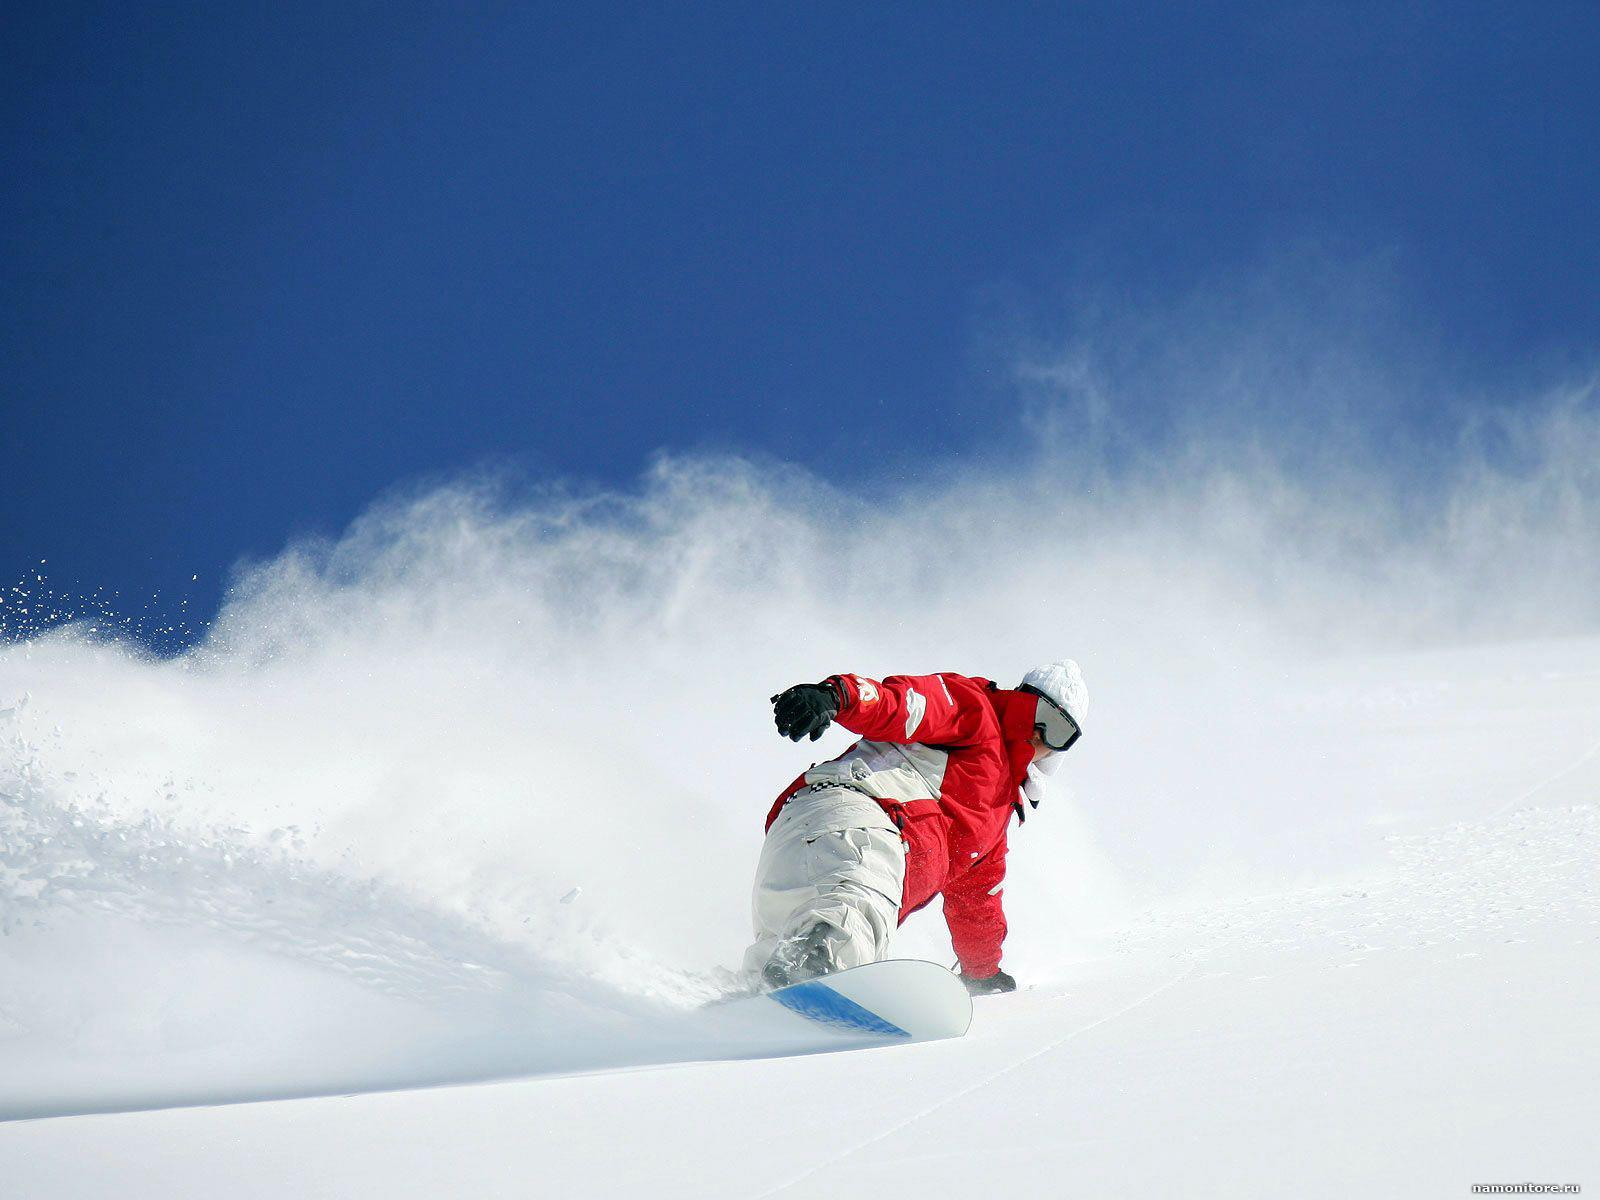 сноуборд, скачать фото, обои на рабочий стол, snowboard wallpaper